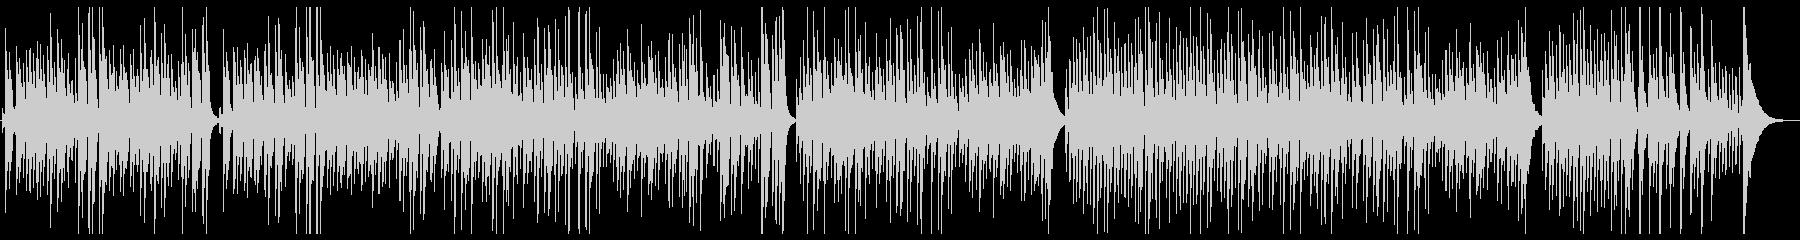 「椿姫 乾杯の歌」ウクレレカバーの未再生の波形